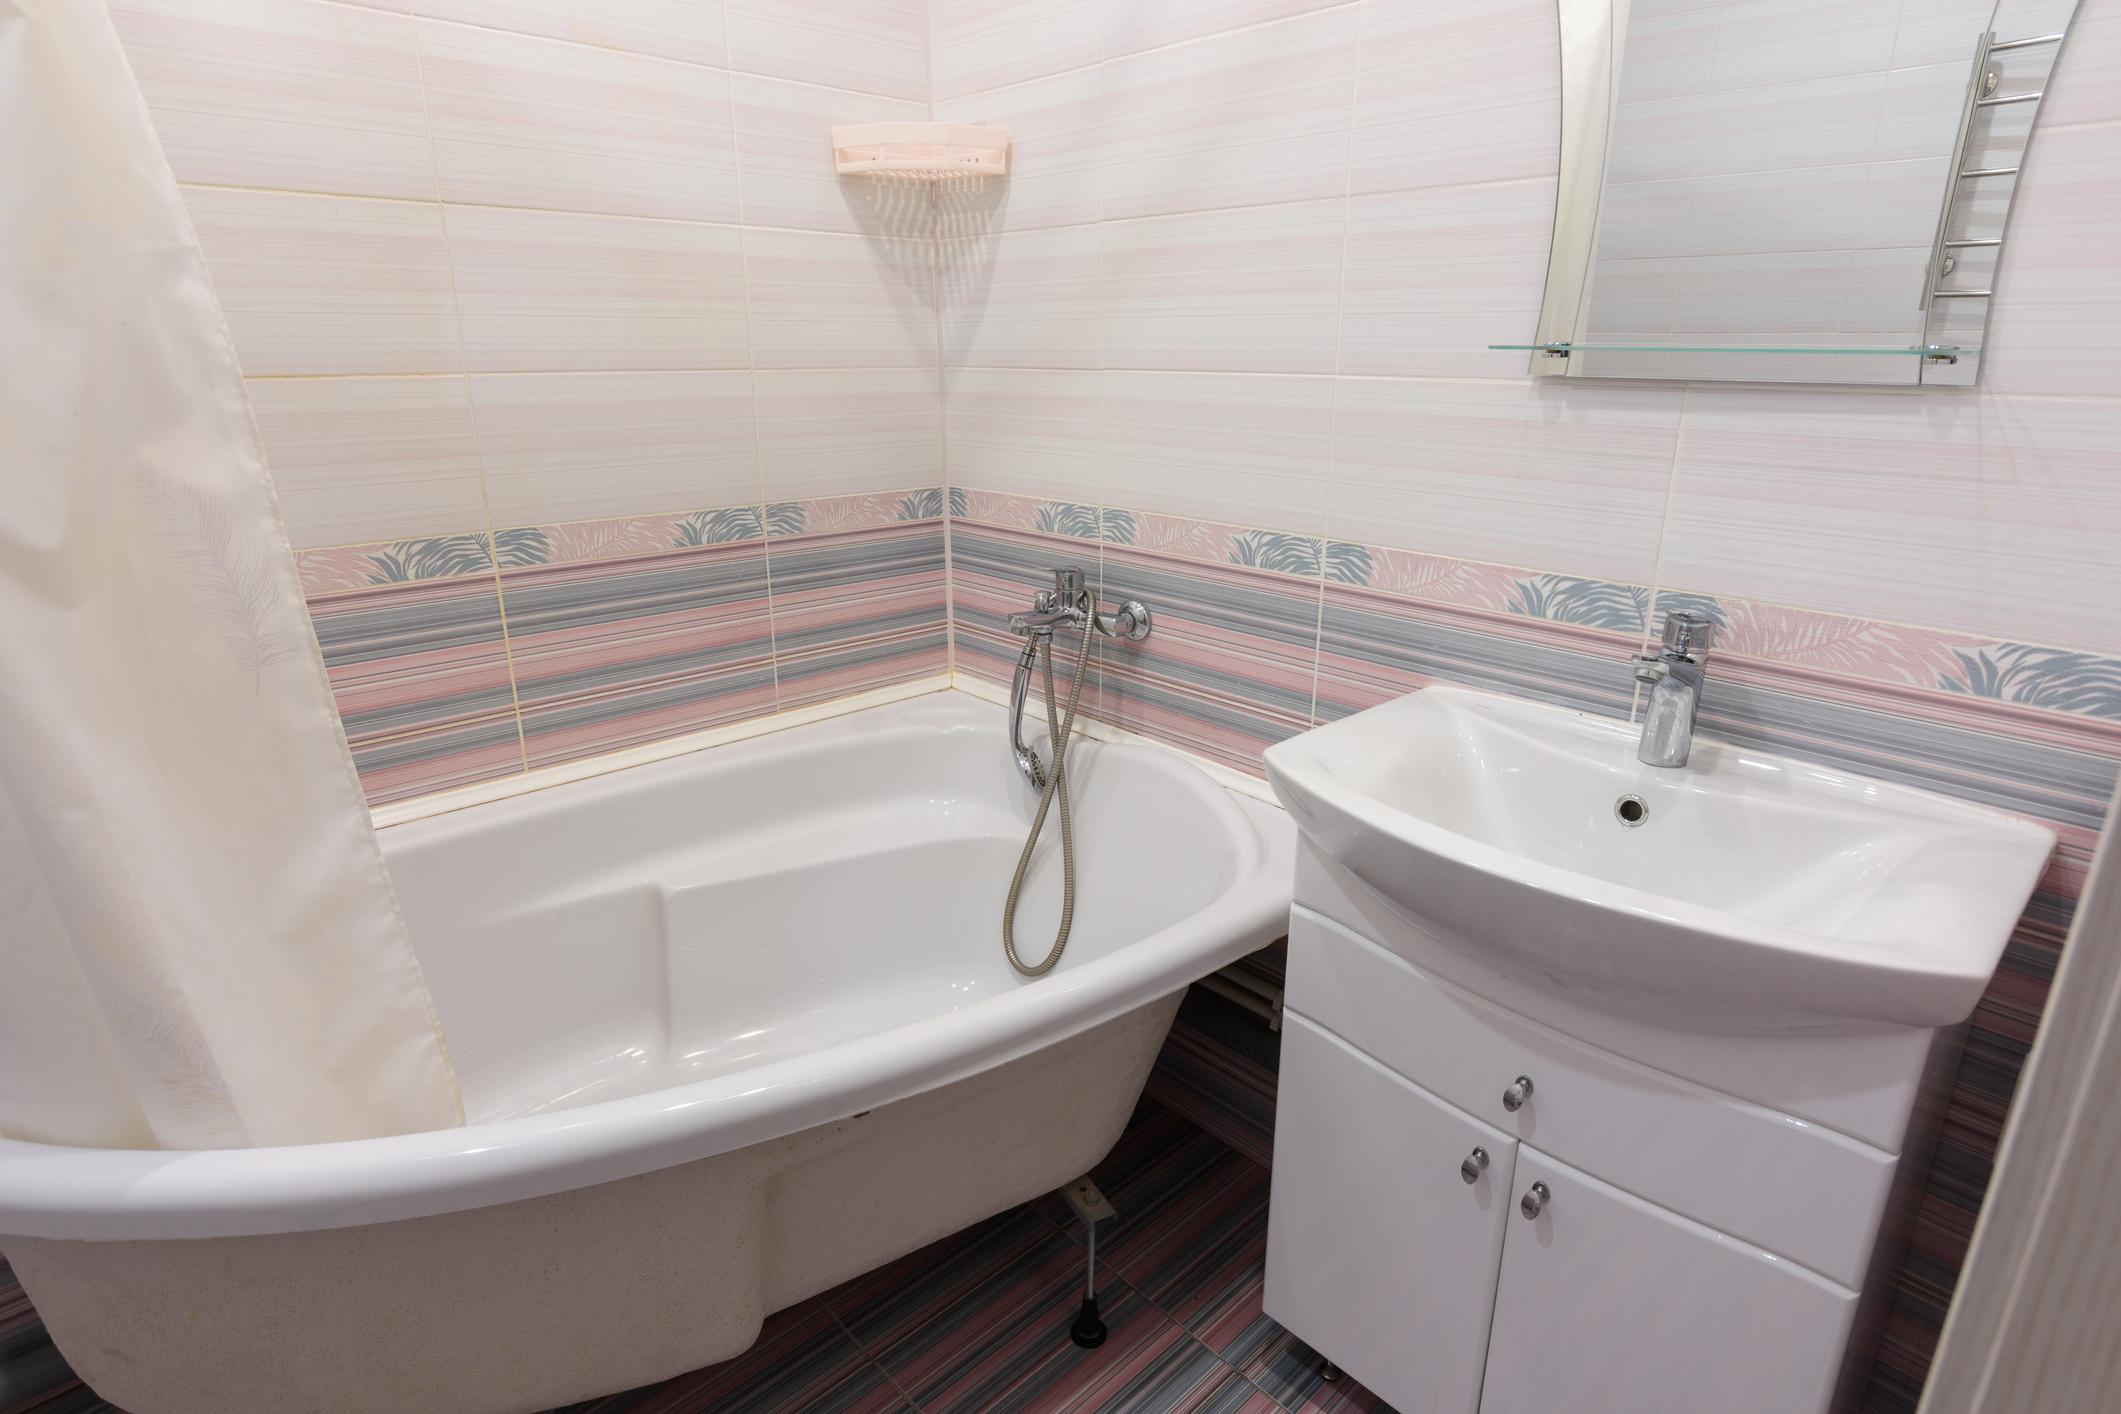 Bathroom Remodeling in Greenville